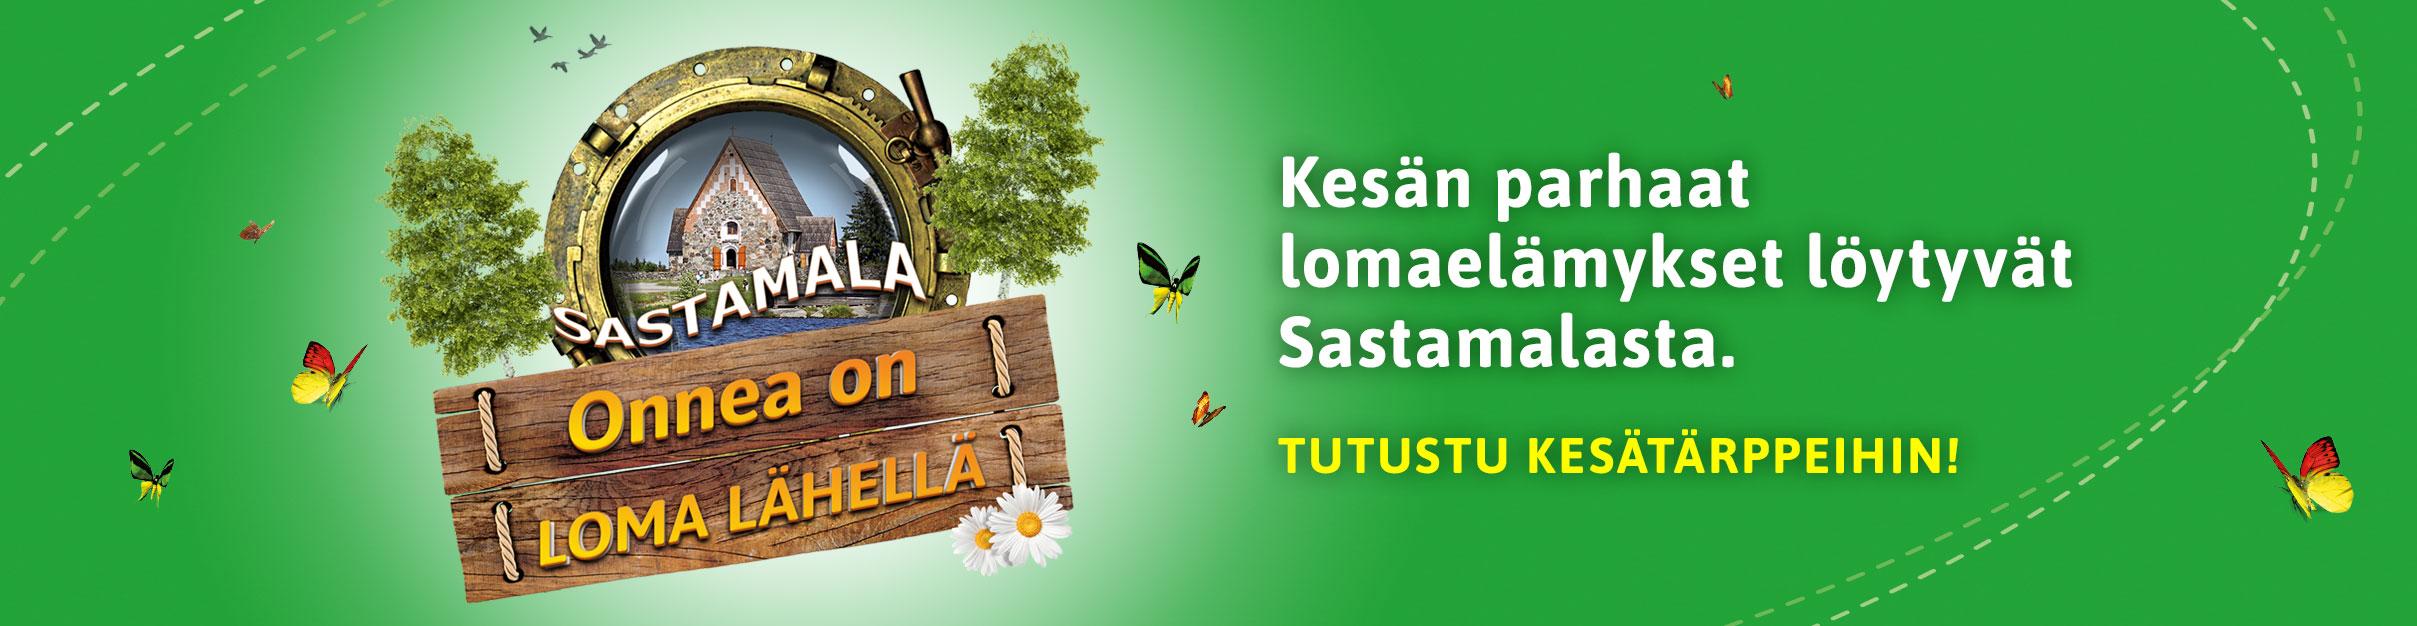 Visit Sastamala, tutustu kesätärppeihin!